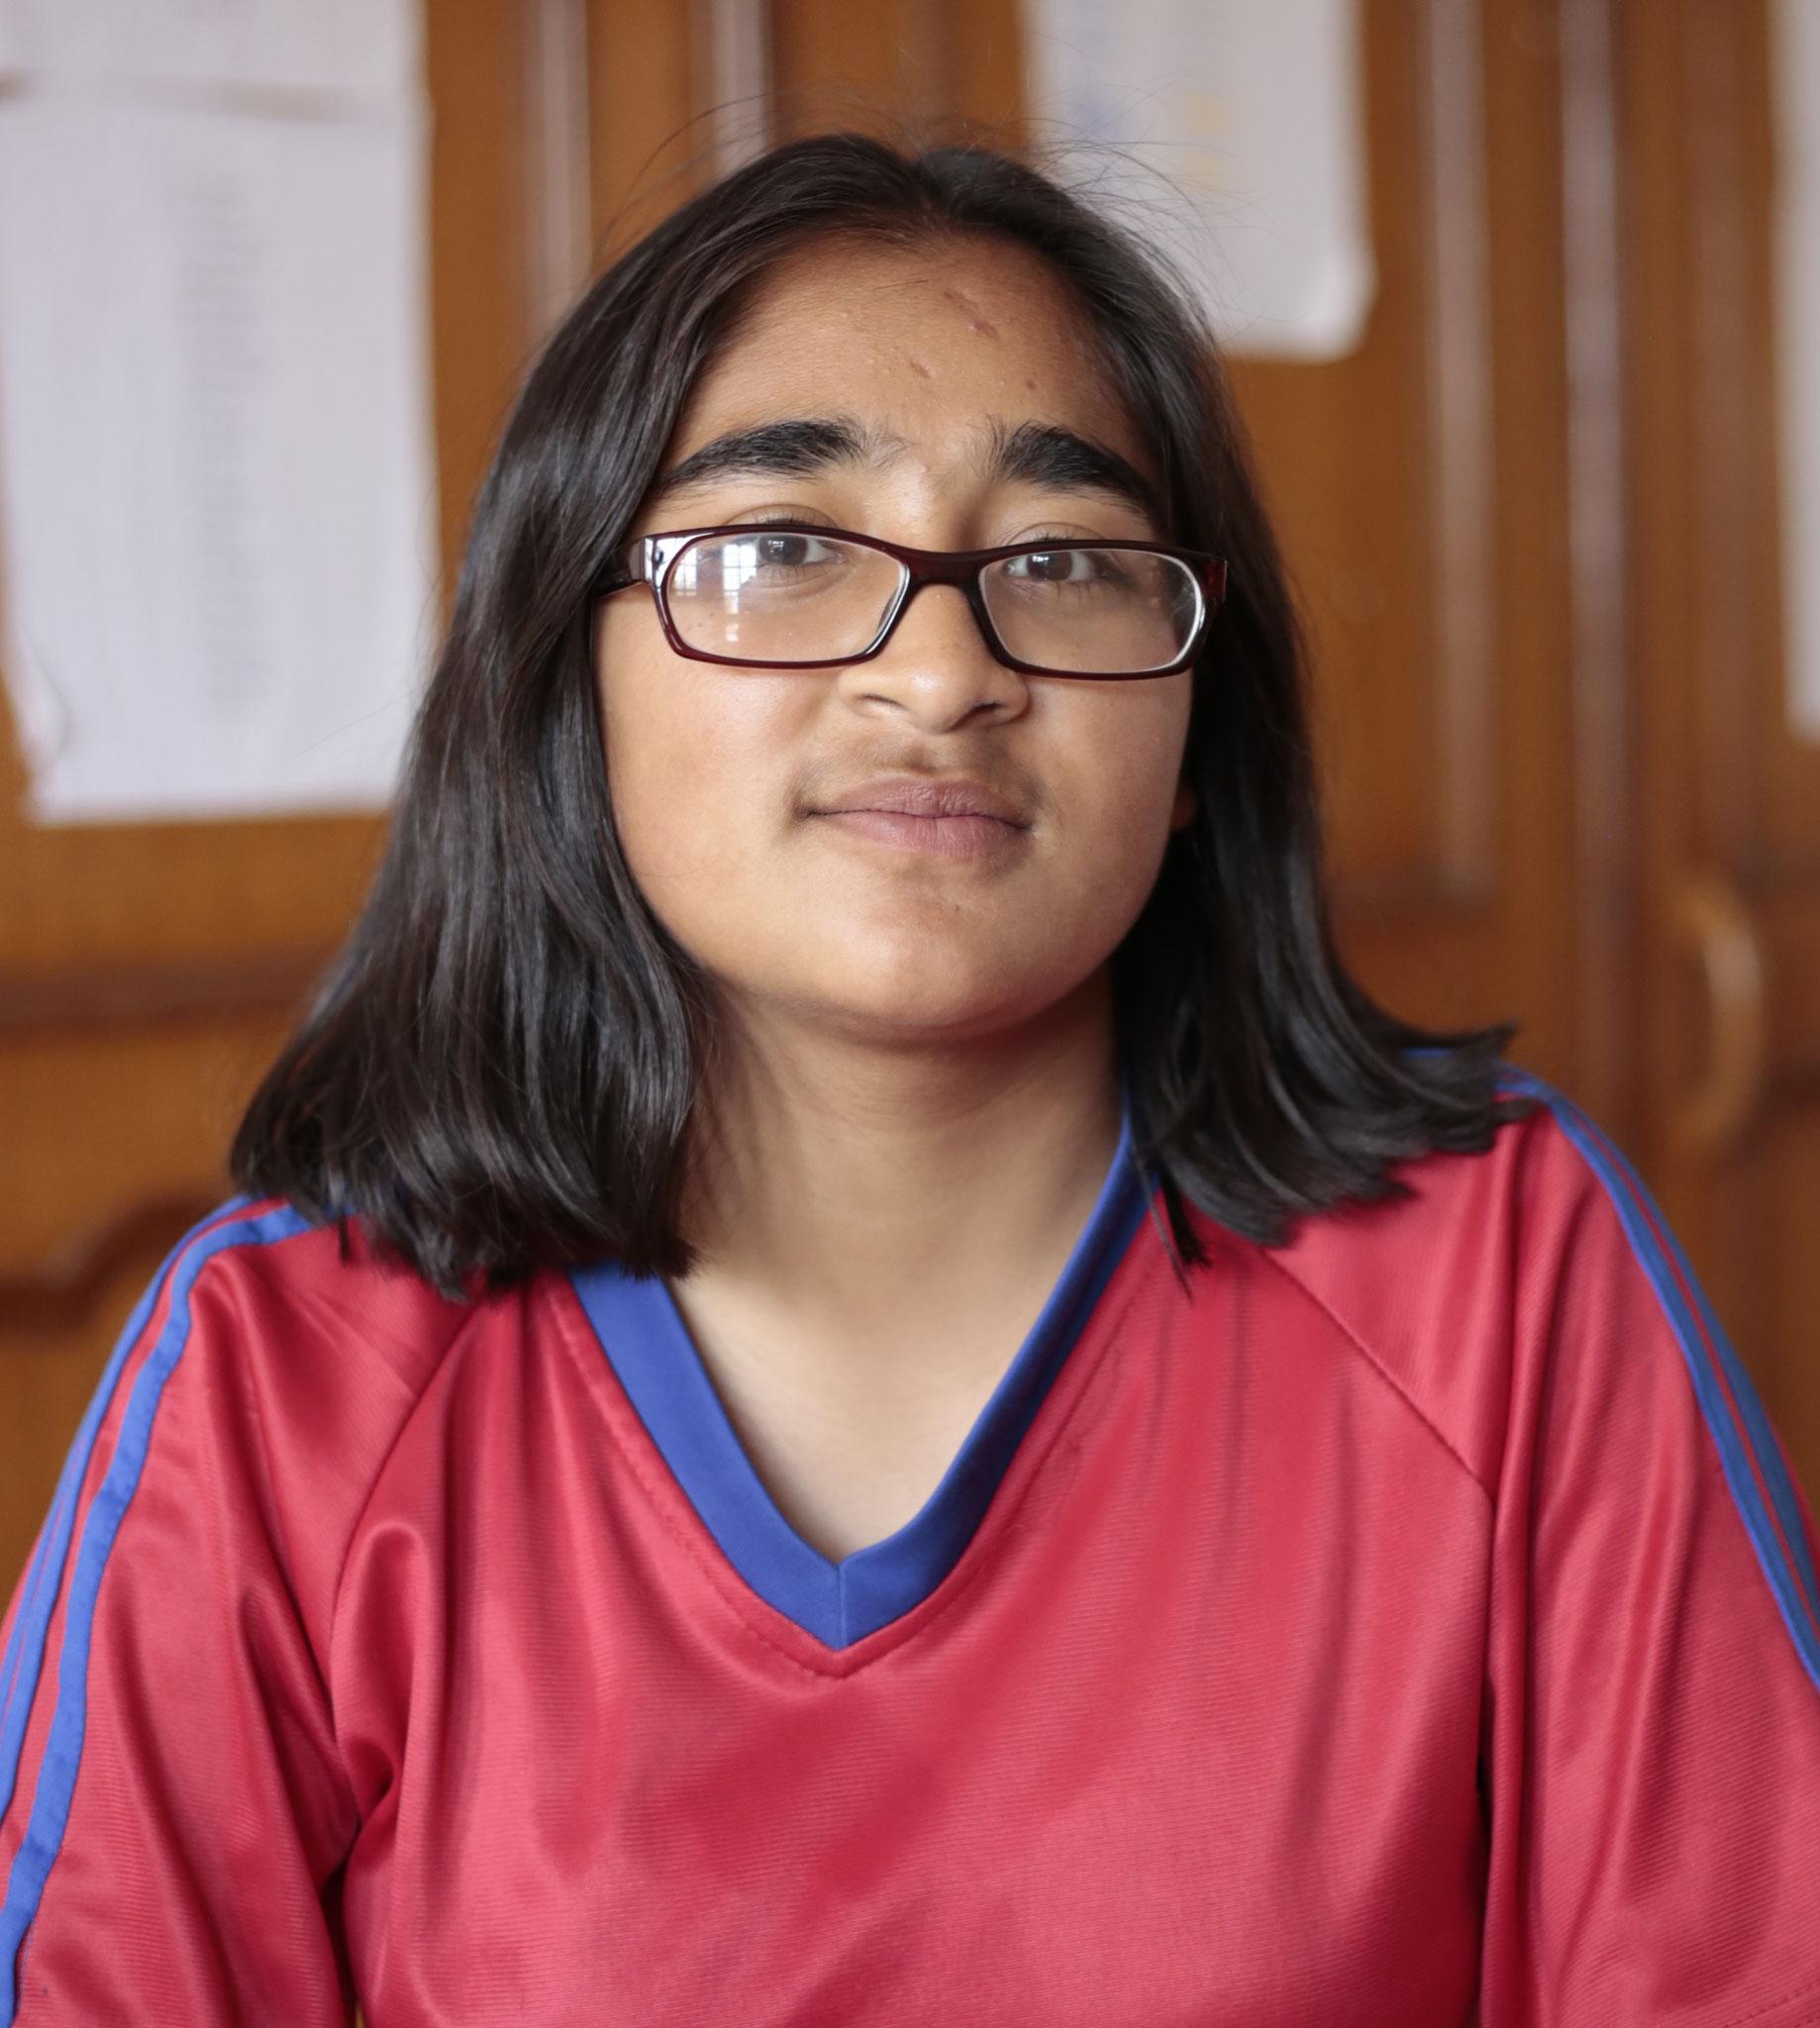 Srijhana